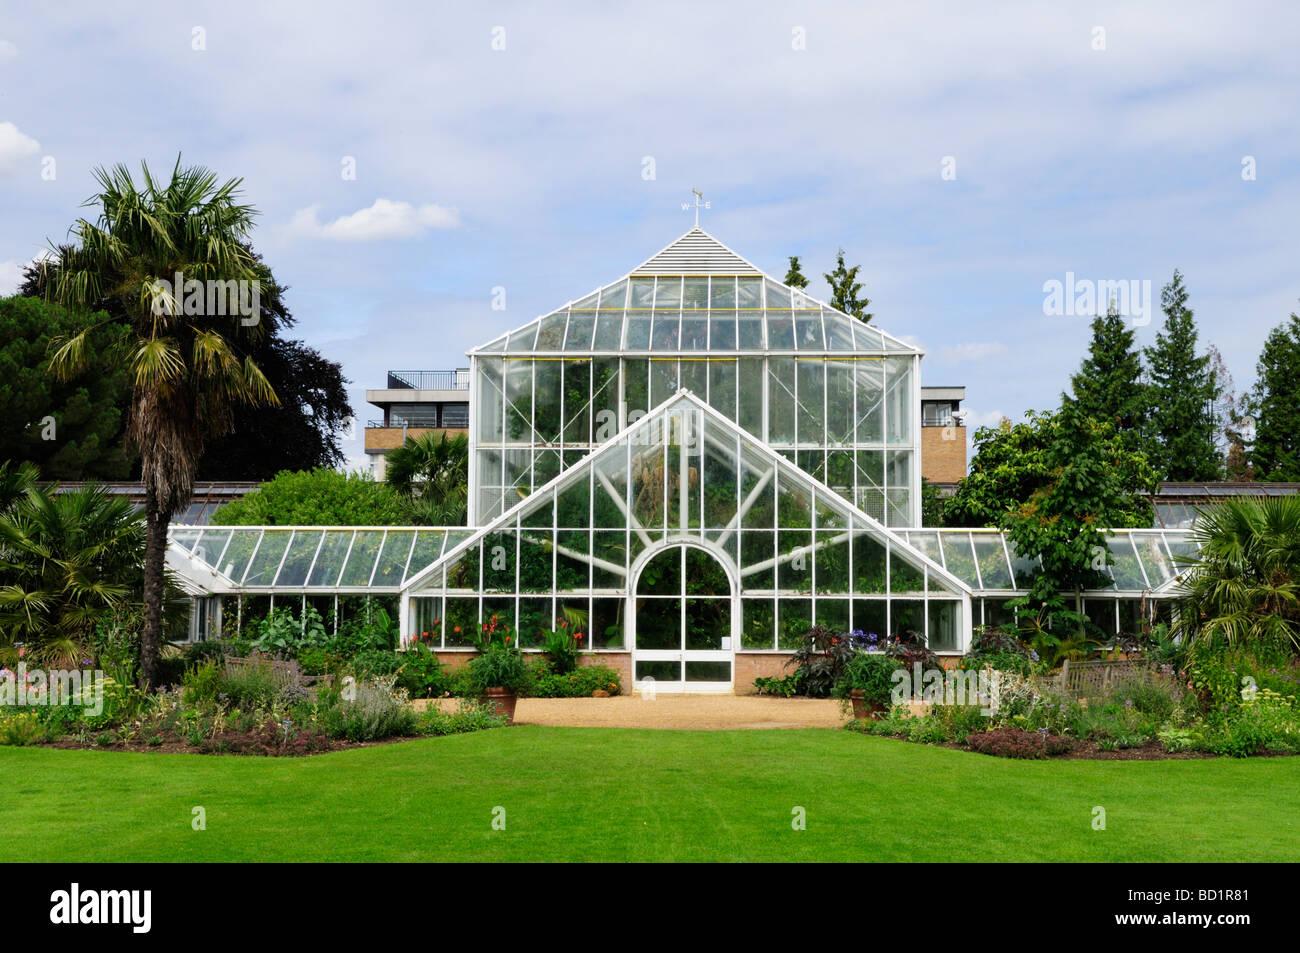 Glasshouses at Cambridge University Botanical Gardens Cambridge England UK - Stock Image